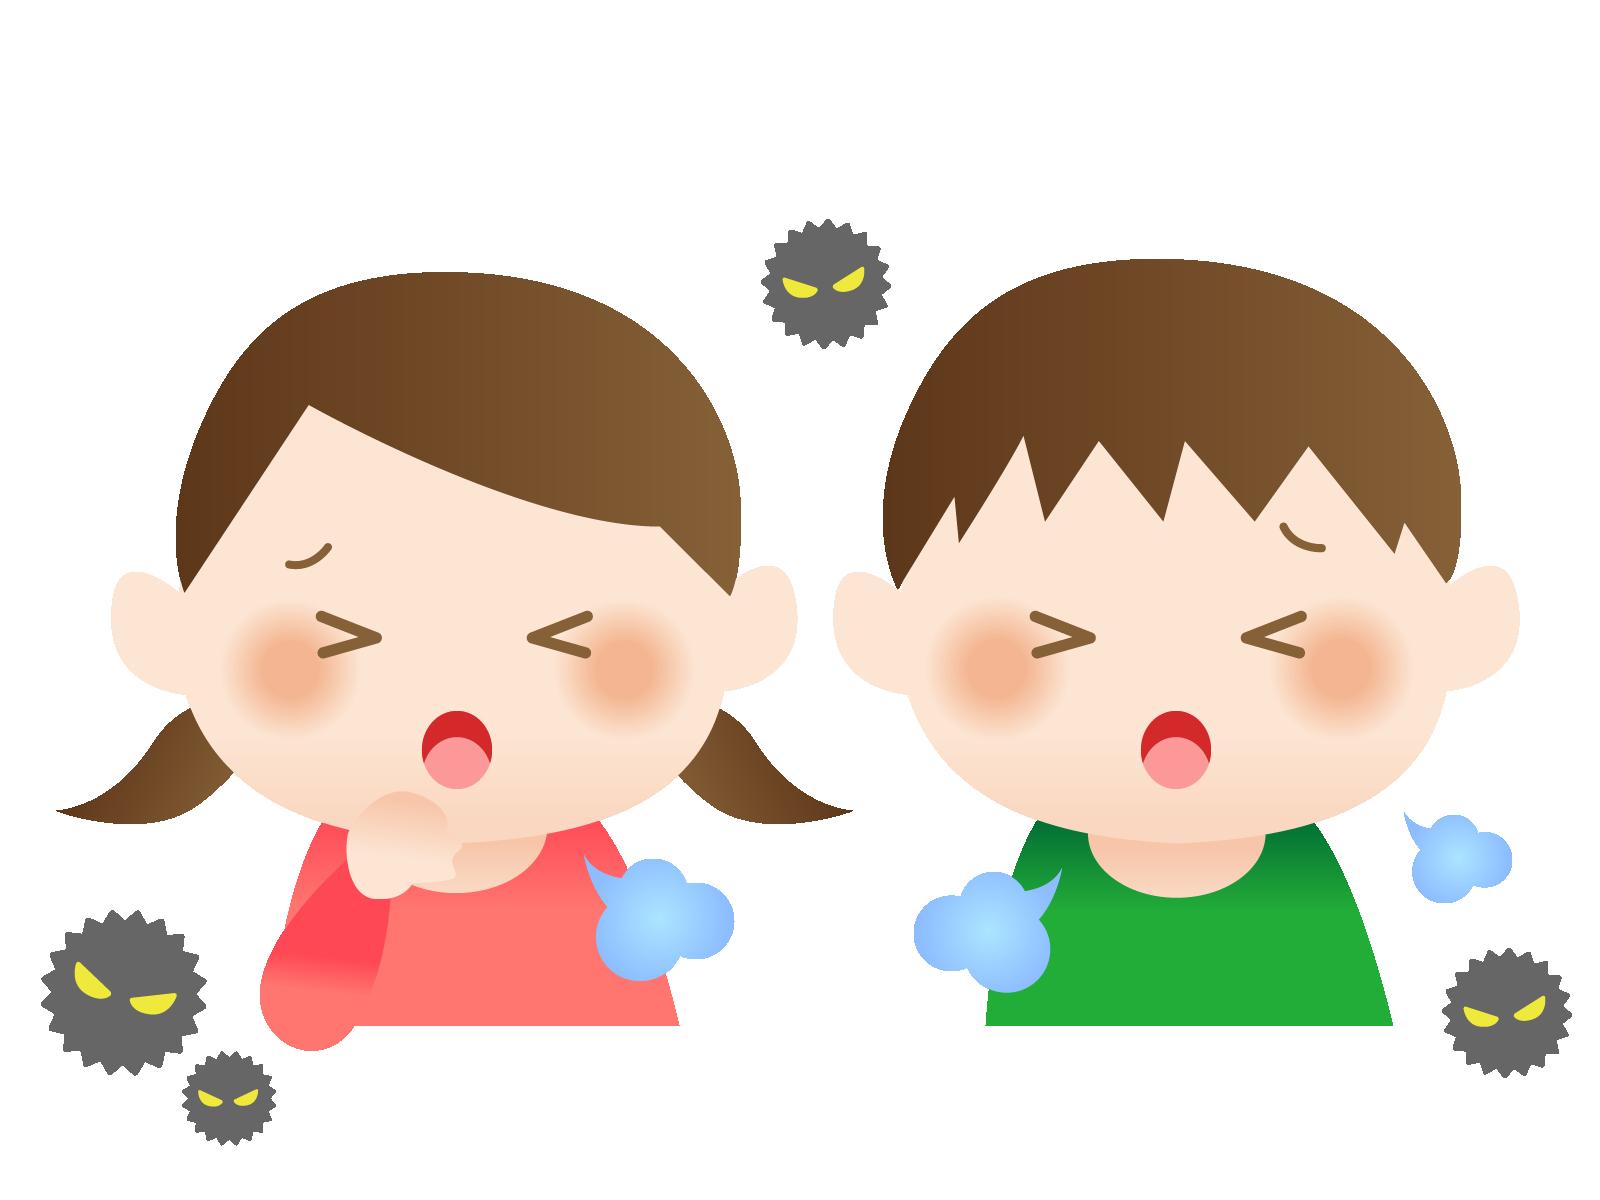 百日咳の臨床的診断に有用な症状は何か?: システマティックレビュー&メタアナリシス